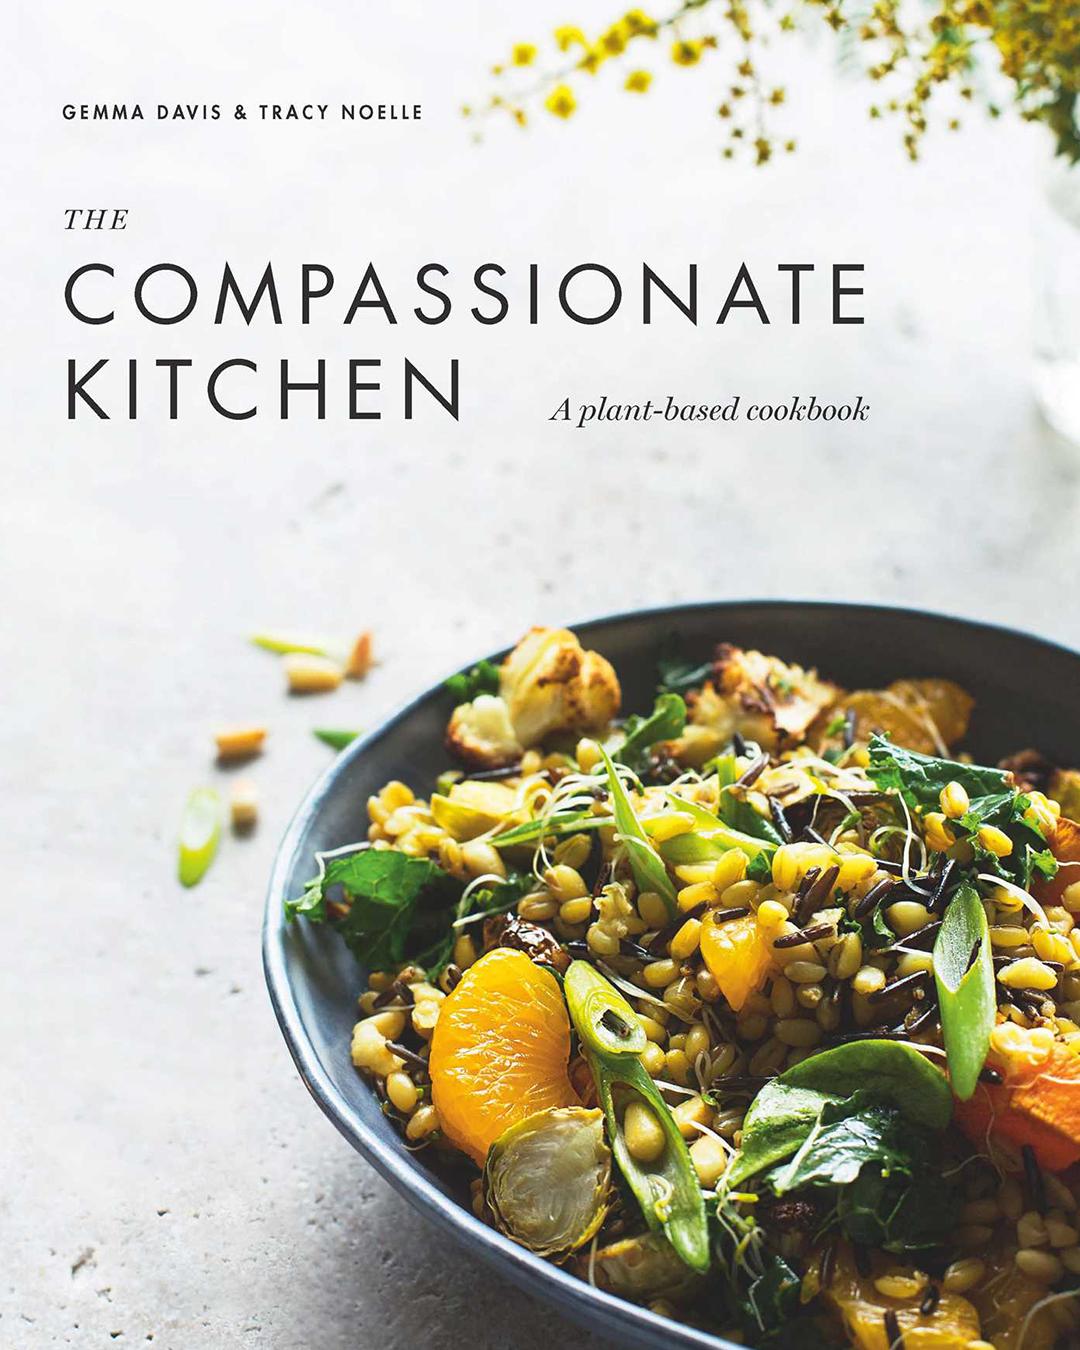 Compassionate Kitchen Cookbook Cover